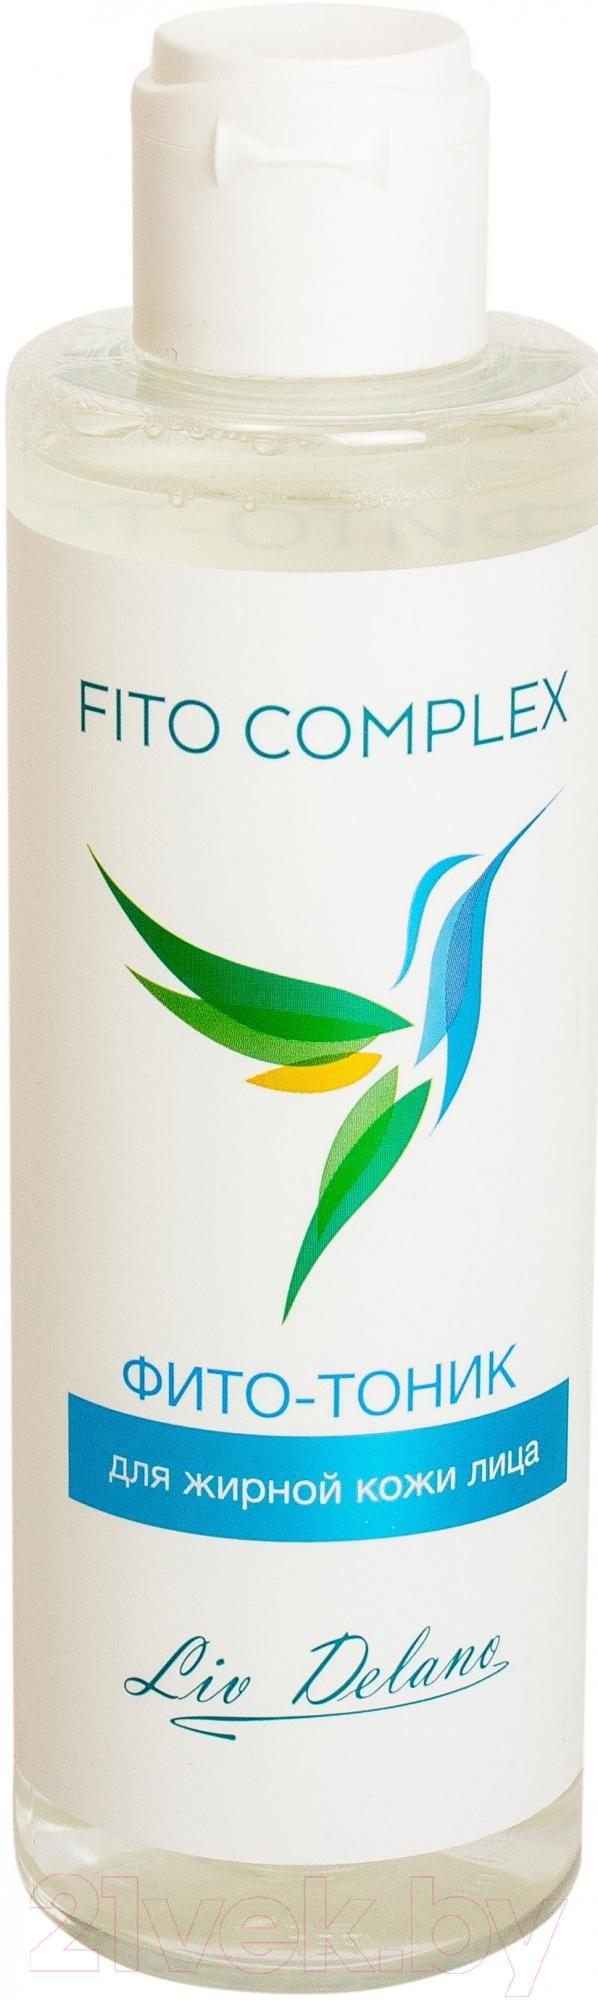 Купить Тоник для лица Liv Delano, Fito Complex для жирной кожи лица (200мл), Беларусь